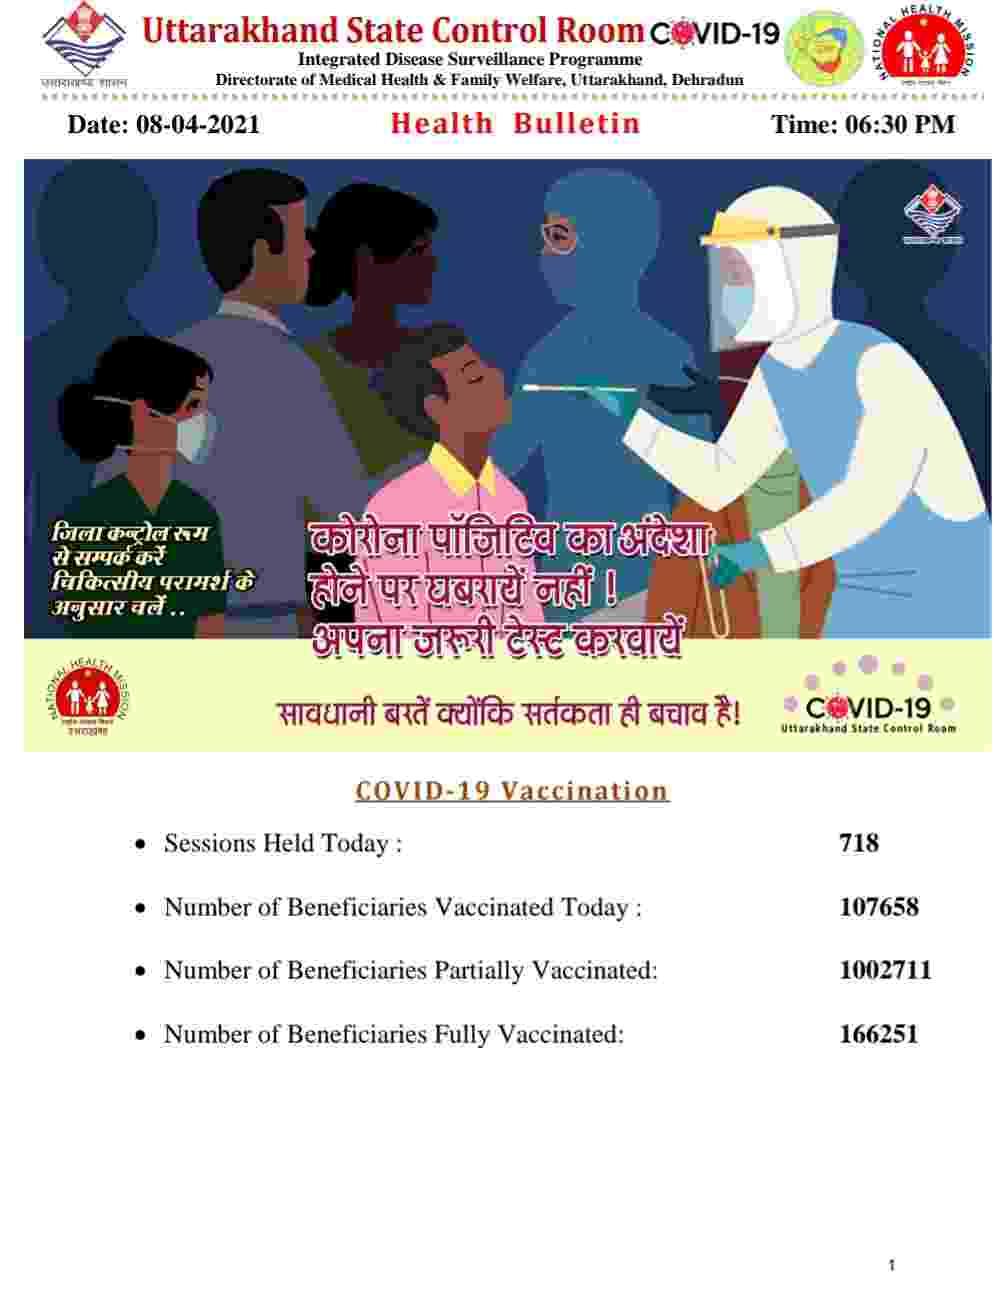 कोरोना बुलेटिन: उत्तराखंड में 787 नए कोविड-19 मरीज़, 3 लोगों की मौत, देहरादून में 22 कंटेनमेंट जोन 2